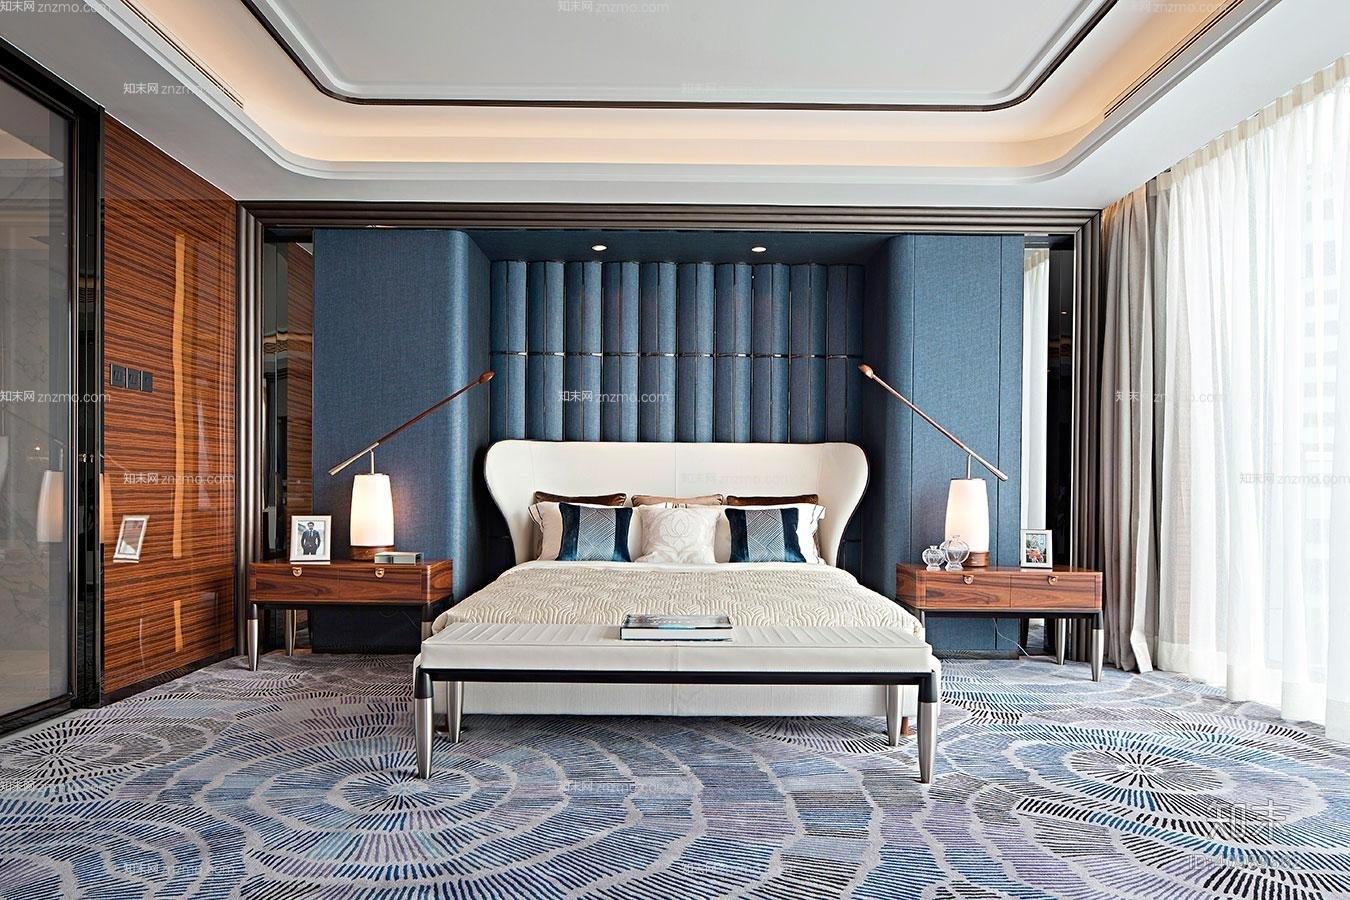 现代家居卧室 现代木艺床头灯 现代米色布艺双人床